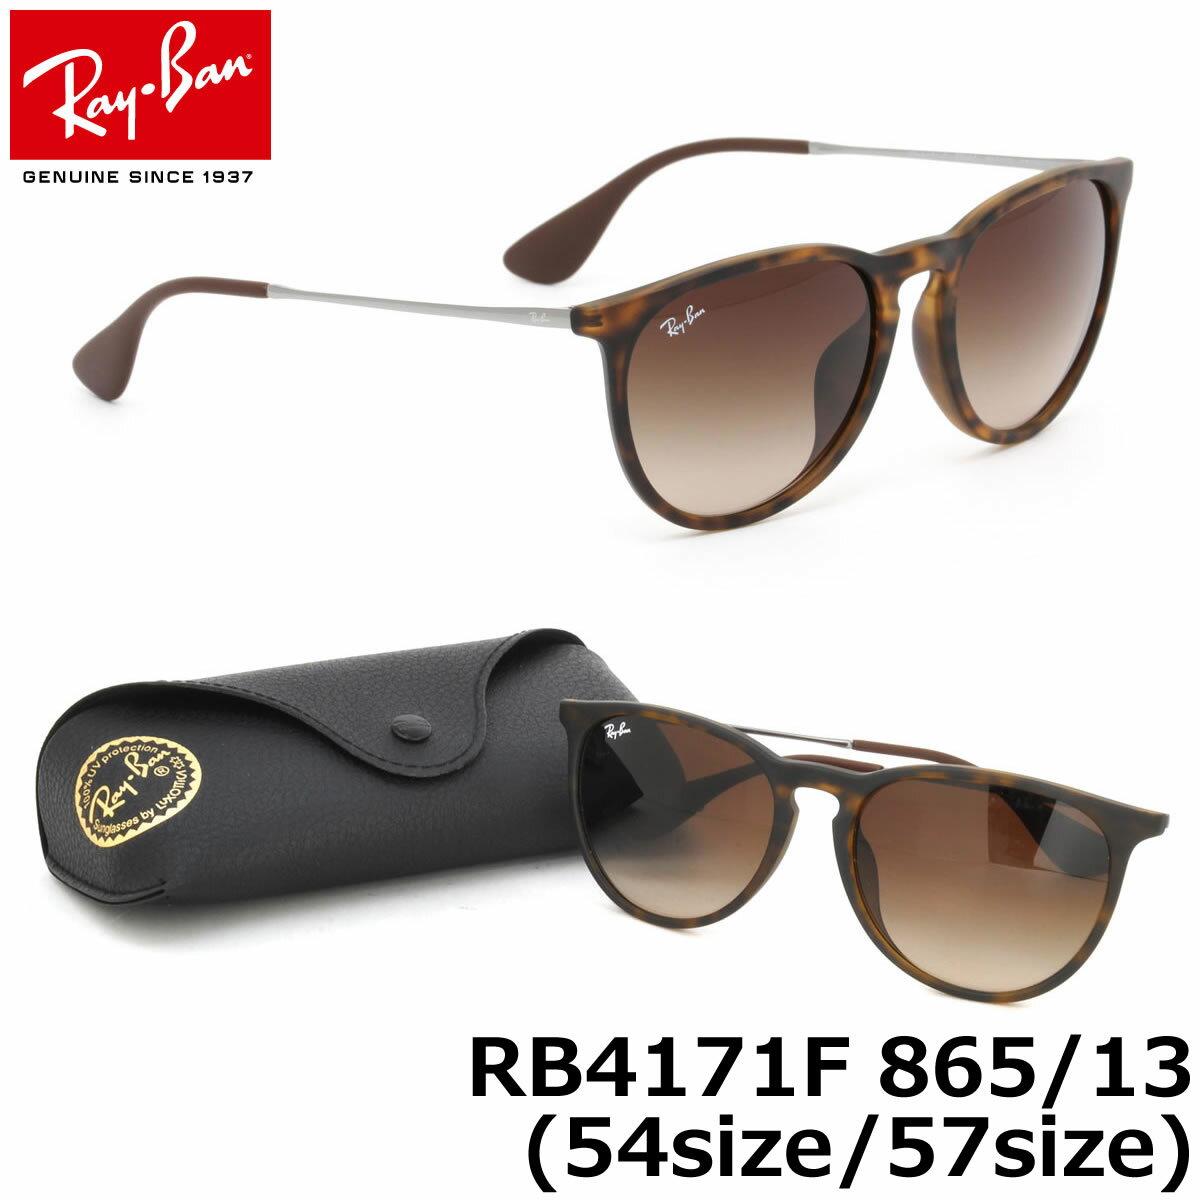 レイバン サングラス エリカ Ray-Ban RB4171F 865/13 54サイズレイバン RAYBAN ERIKA 86513 ボストン 丸メガネ べっ甲 べっこう フルフィット メンズ レディース